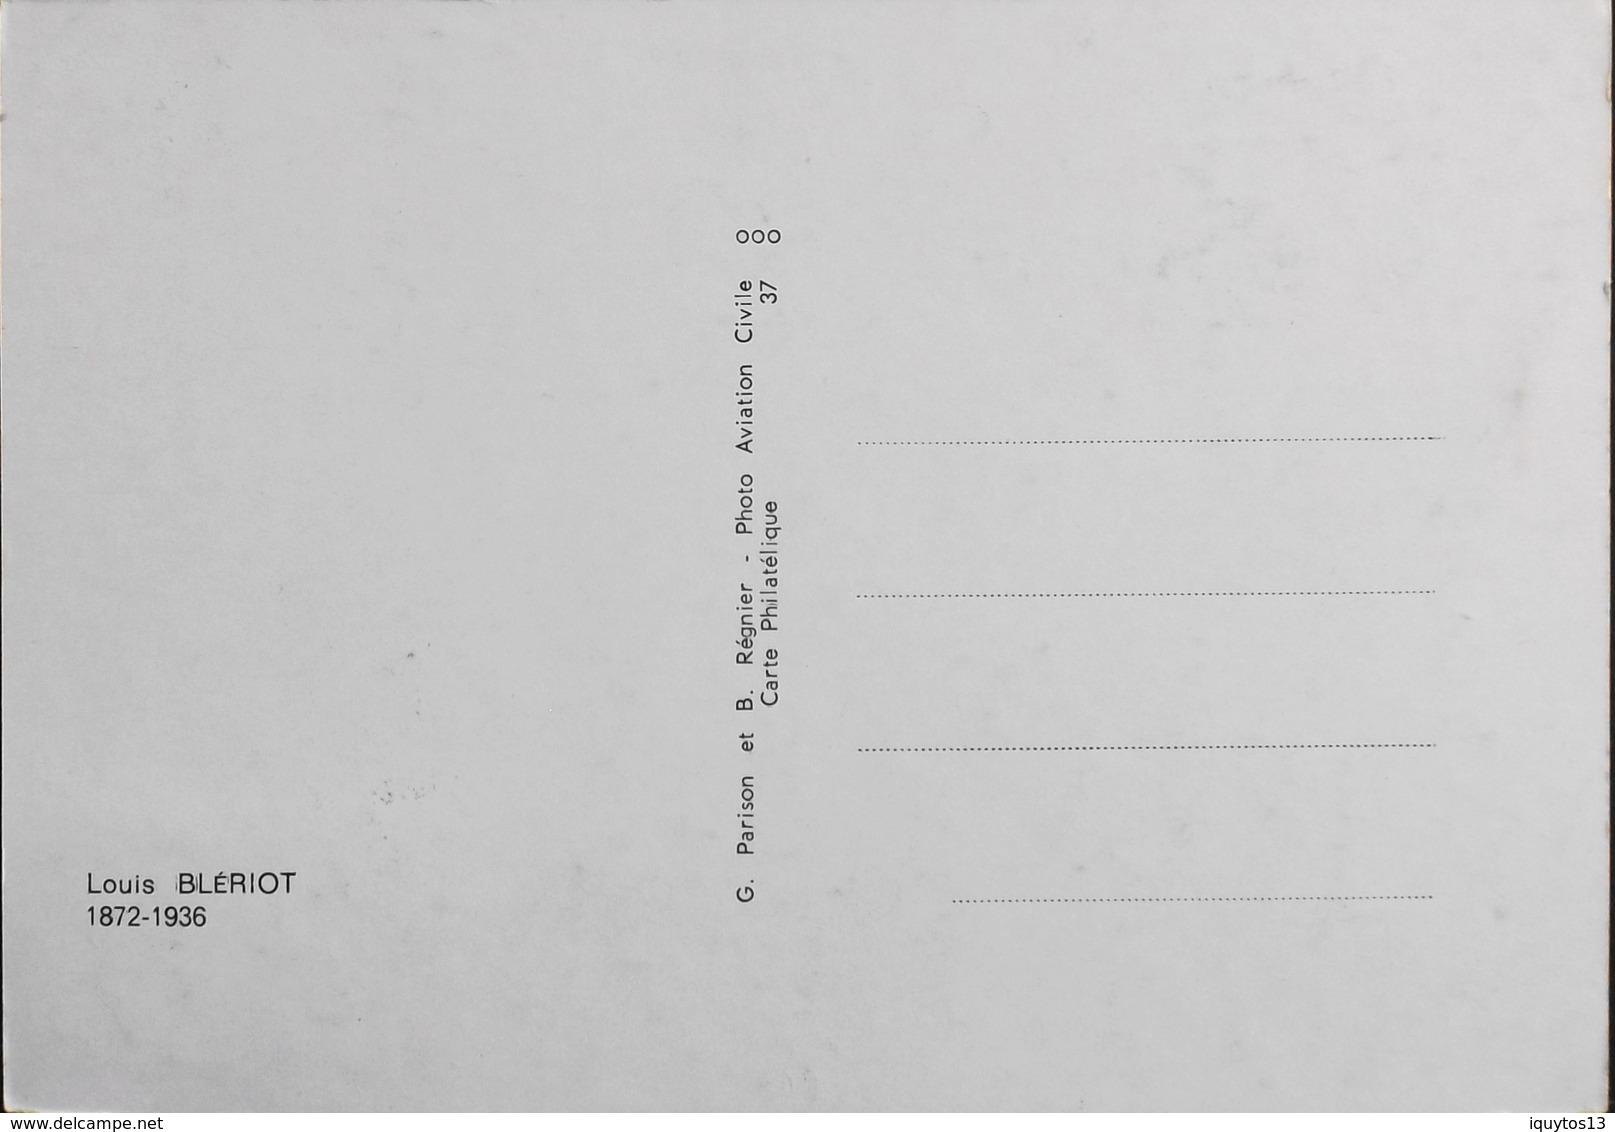 FR. 1972 Carte Philatélique 1er Jour - Louis BLERIOT - Cambrai Le 1.7.1972 - En TBE - 1970-1979